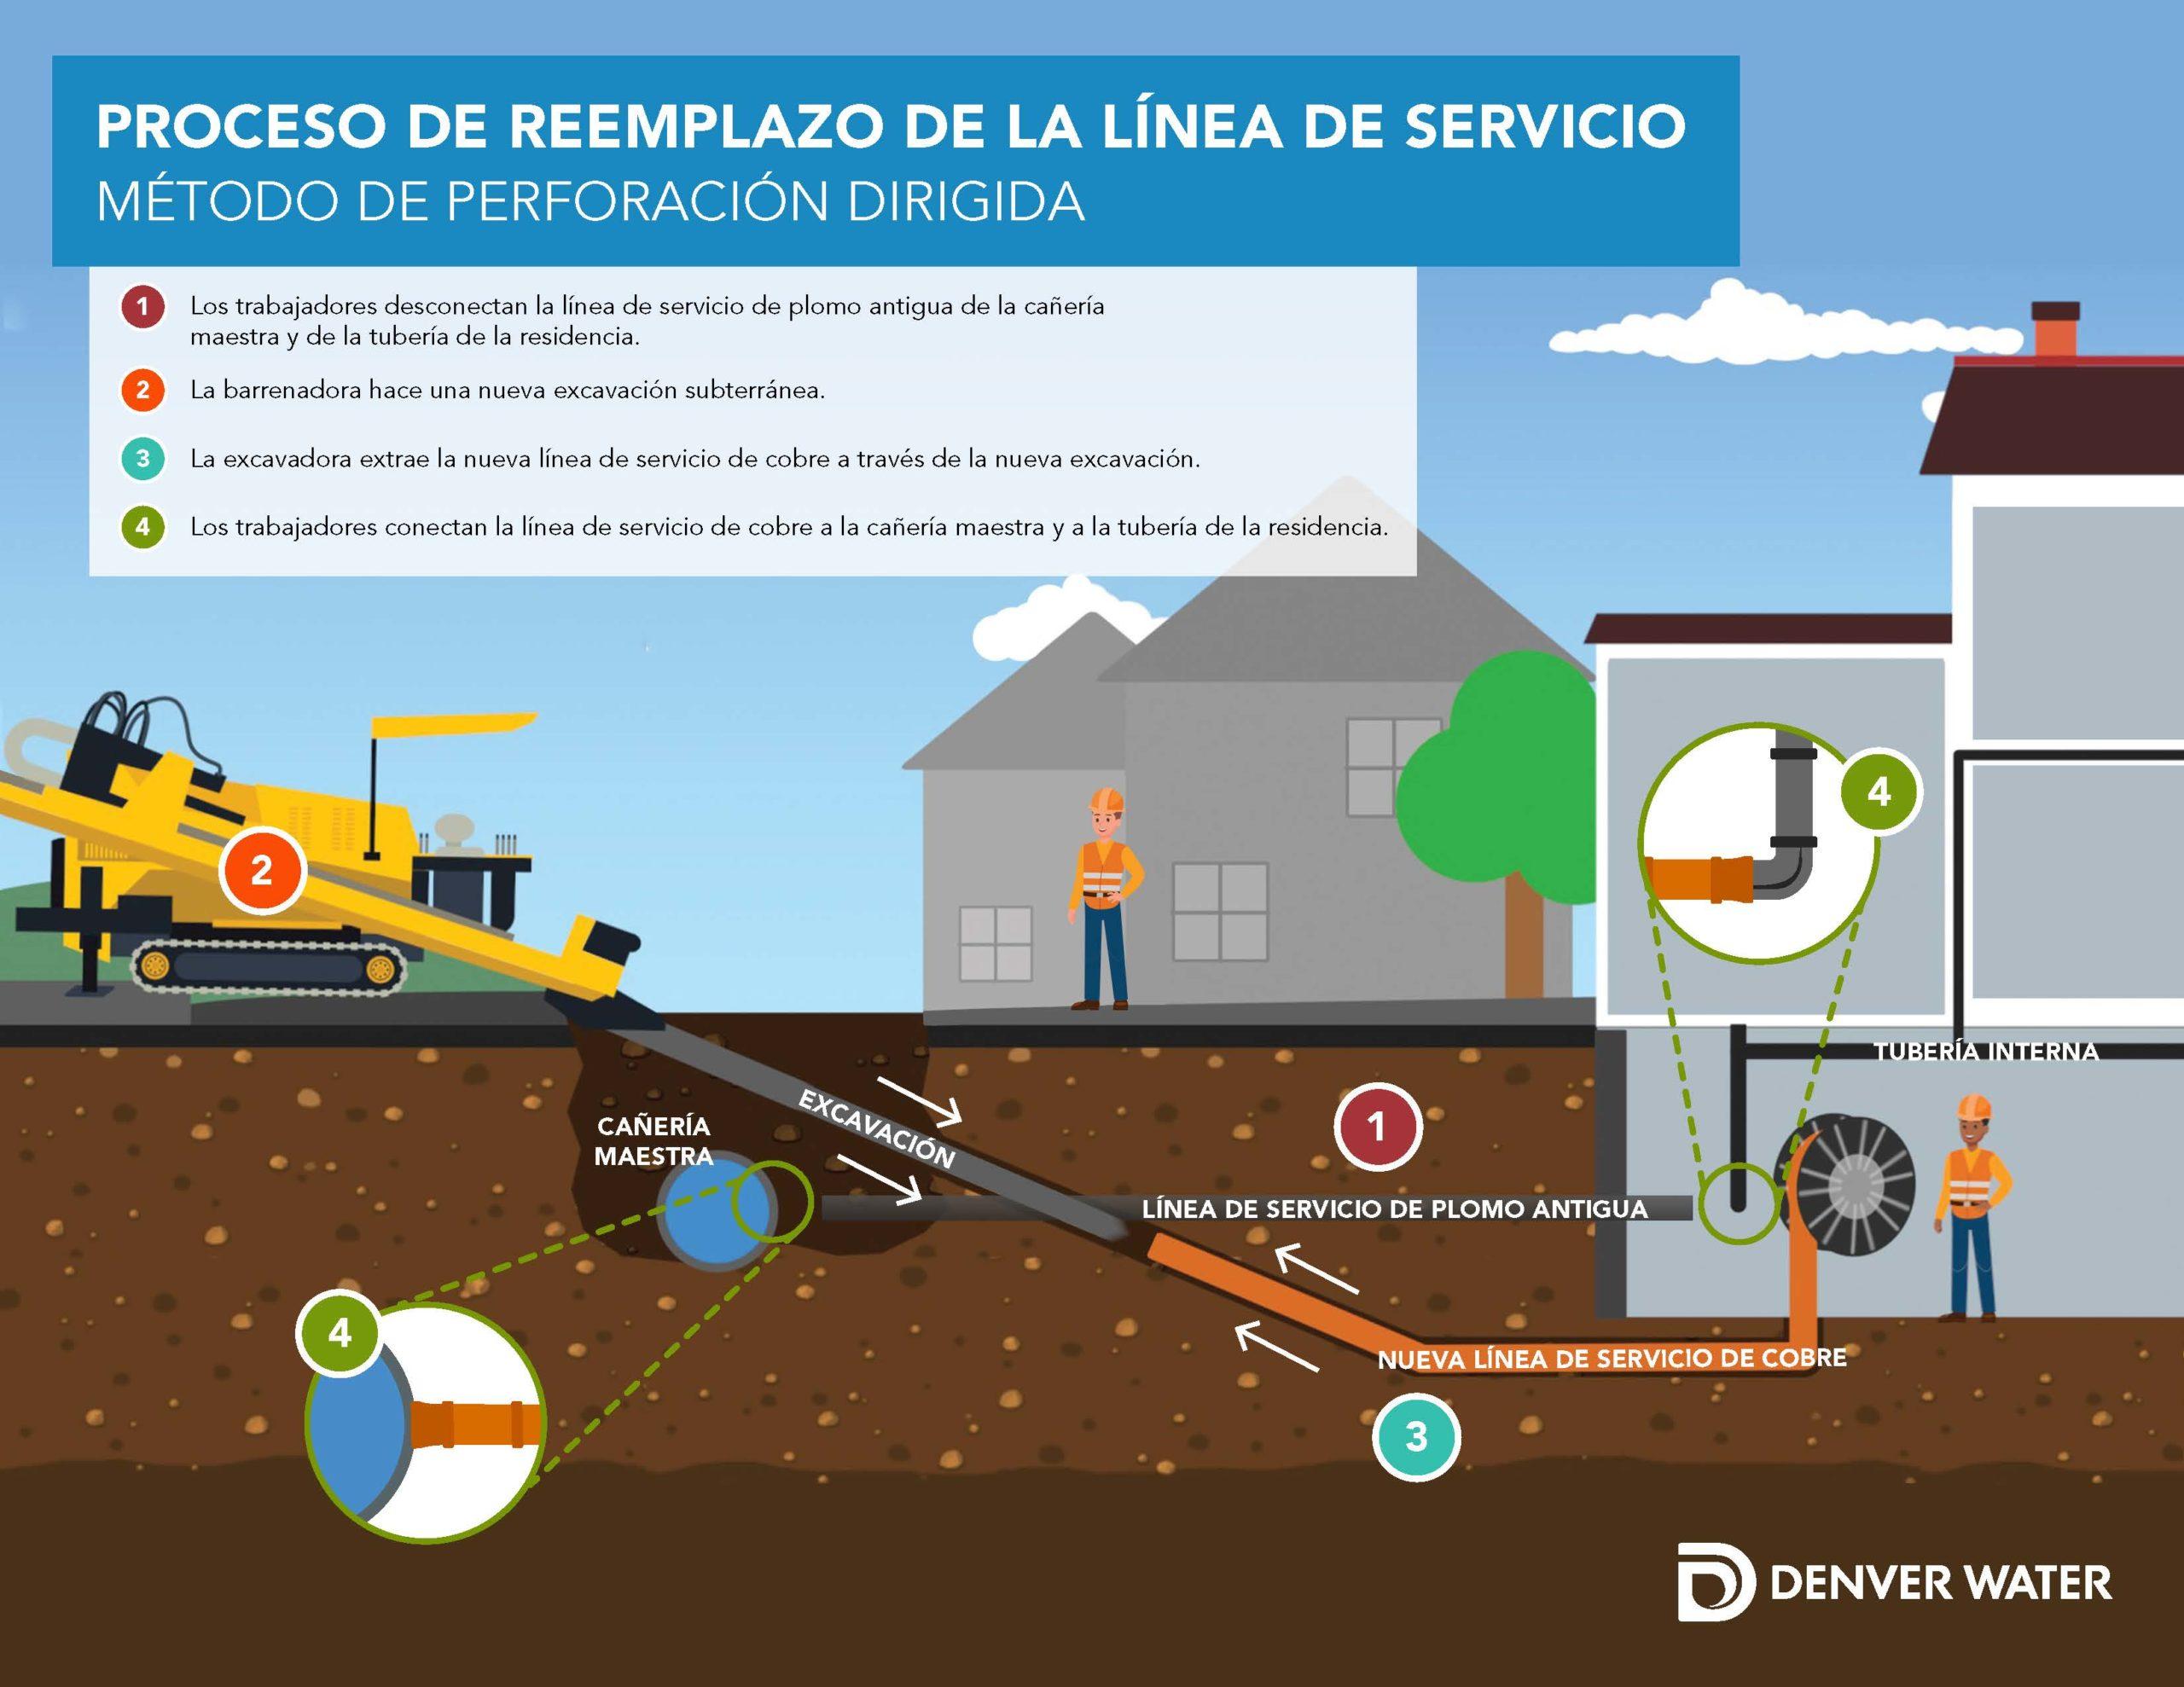 Proceso de reemplazo de la línea de servicio Método de perforación dirigida